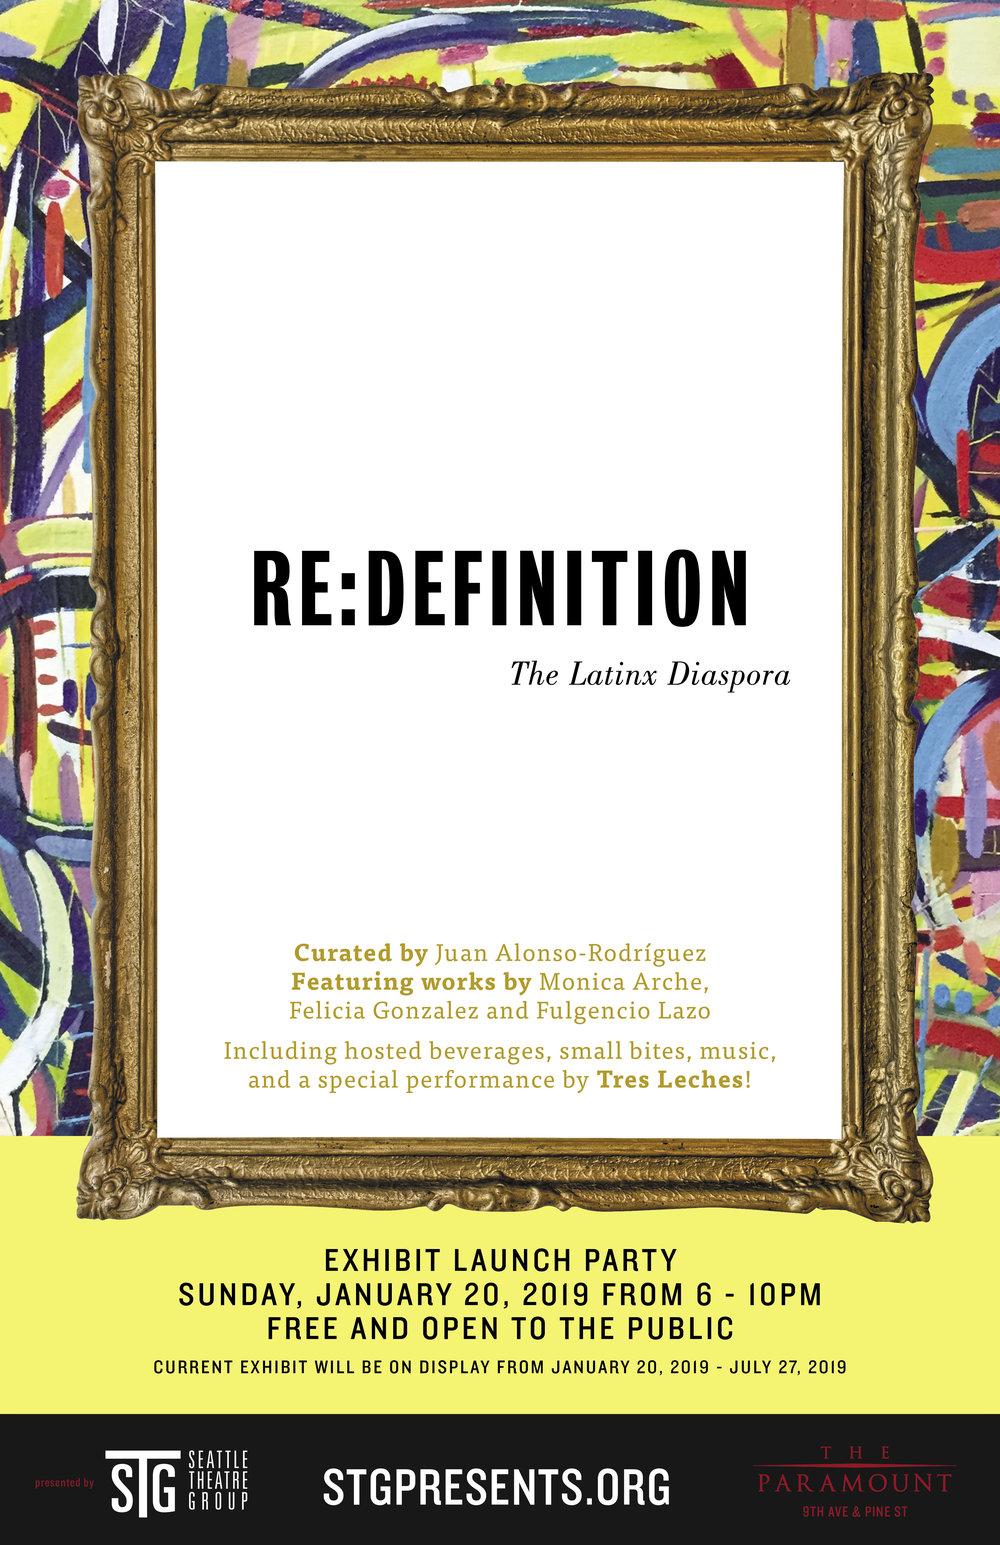 ReDefintion_Poster_11x17_Latinx Diaspora.jpg